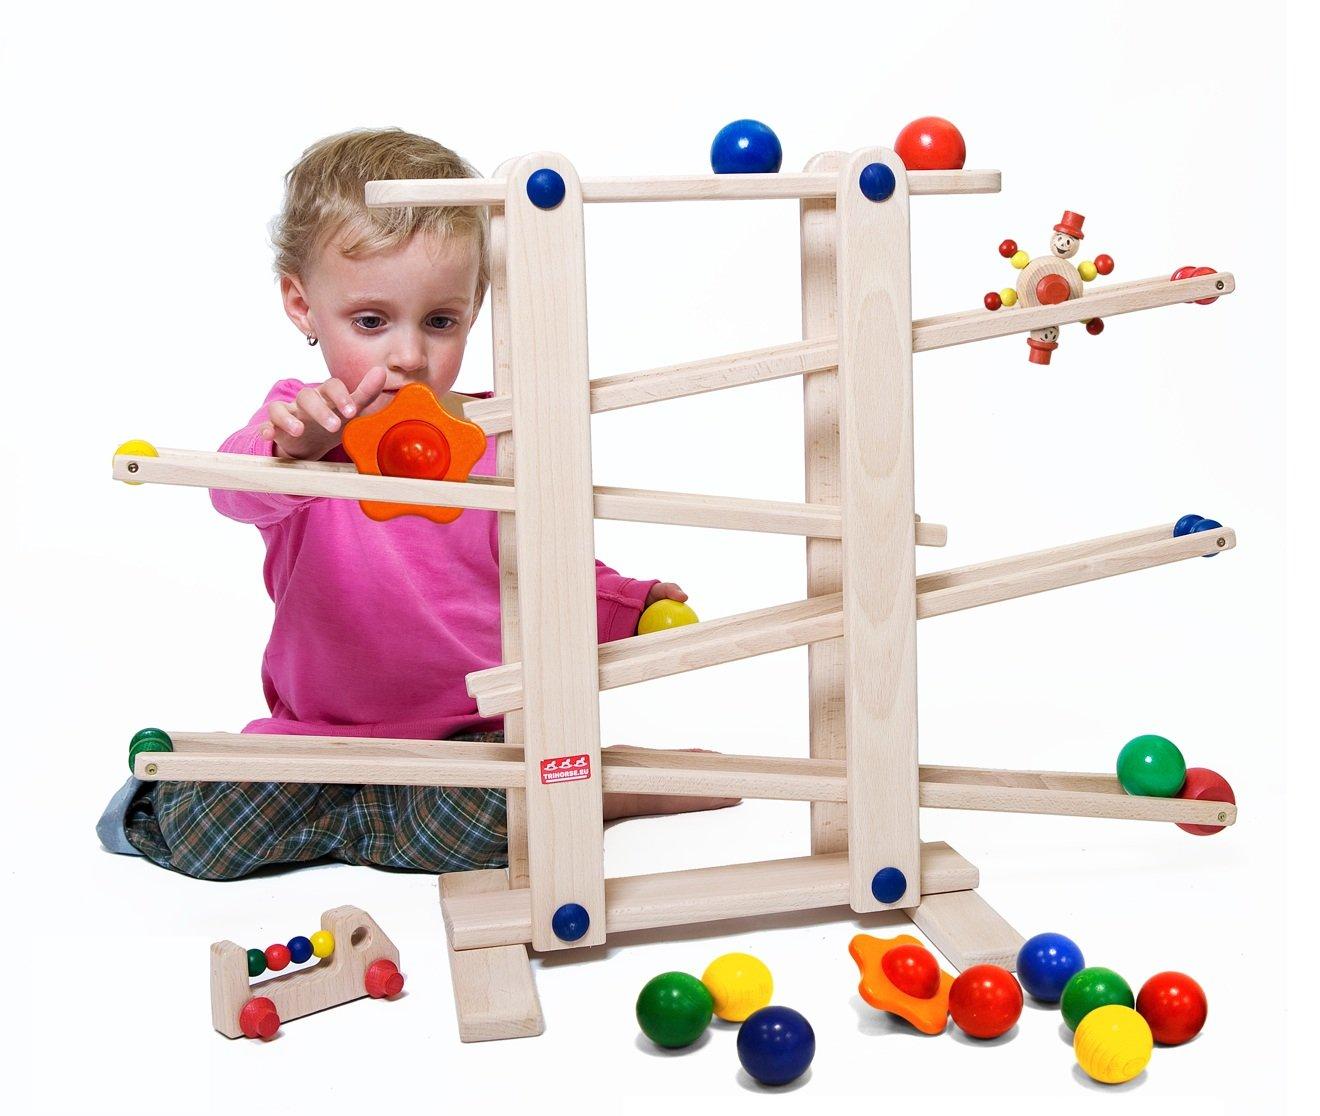 Trihorse circuit de billes en bois pour enfants à partir de 1 an, très stable, avec 6 pièces roulantes, fabriqué en UE. product image